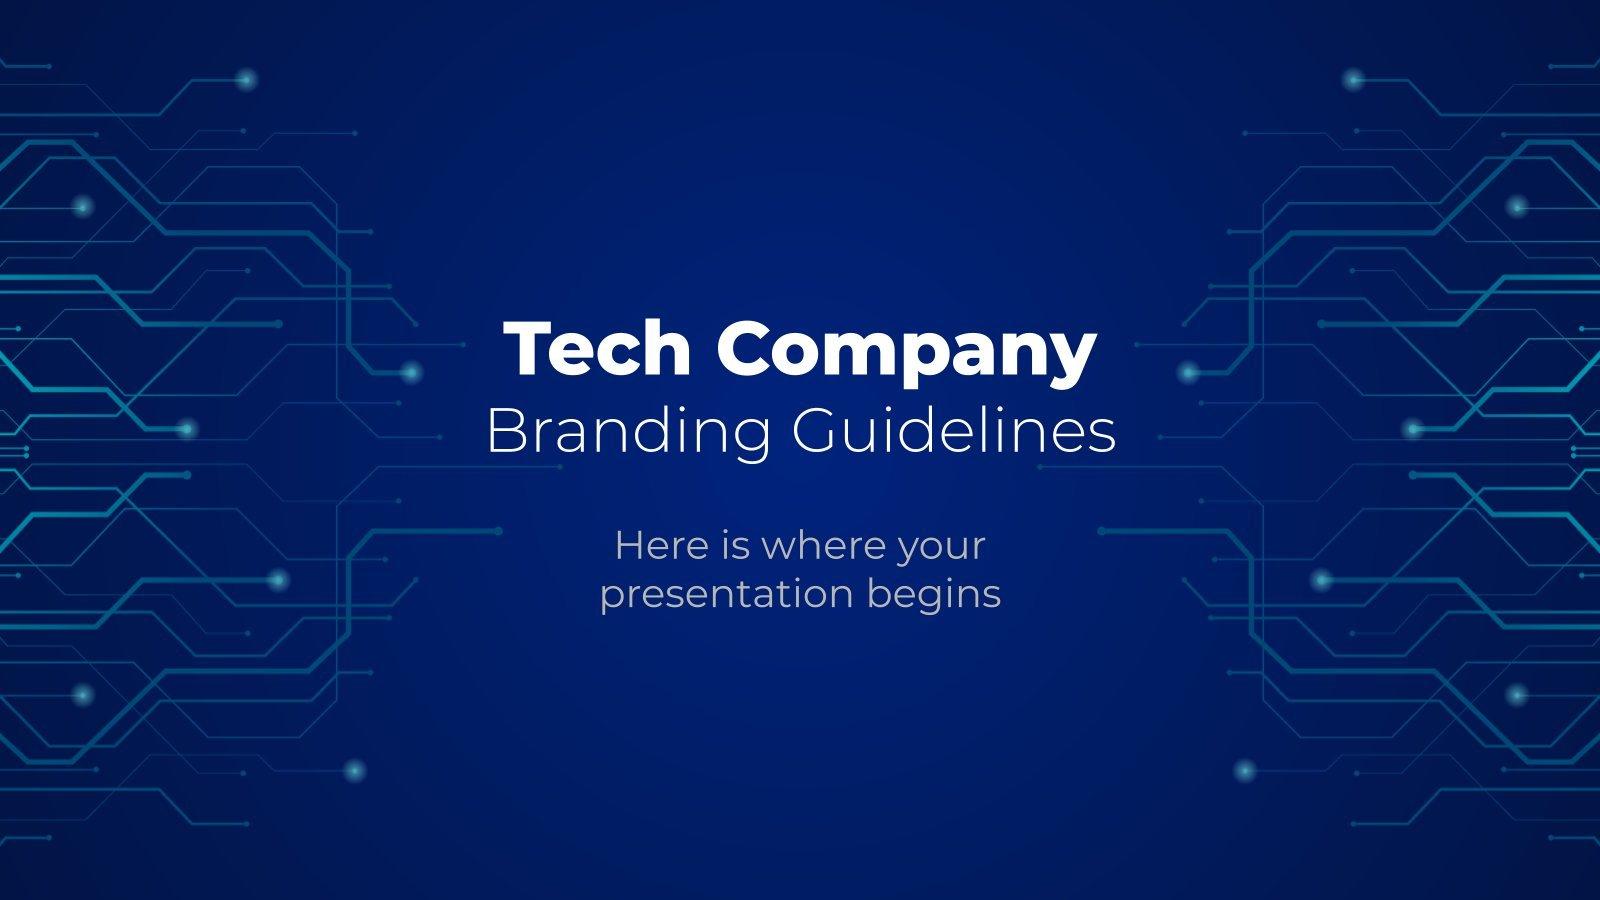 Tech-Unternehmen Markenrichtlinien Präsentationsvorlage